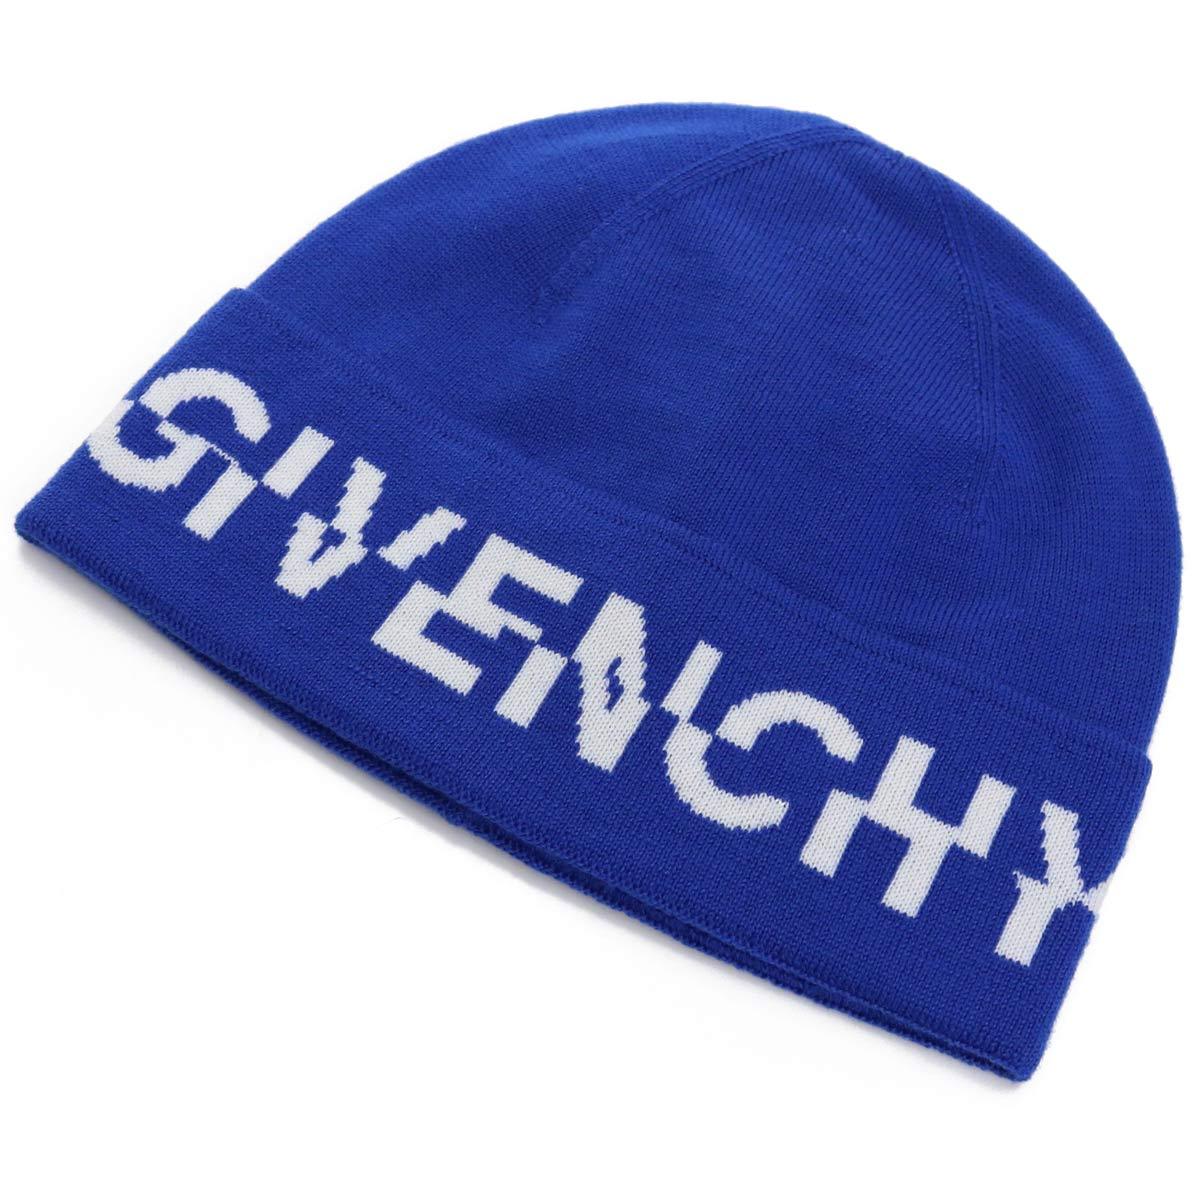 ジバンシー GIVENCHY メンズ ニット 帽子類 BPZ016 P08X 433 ブルー系 メンズ bos-05 cap-01 warm-02